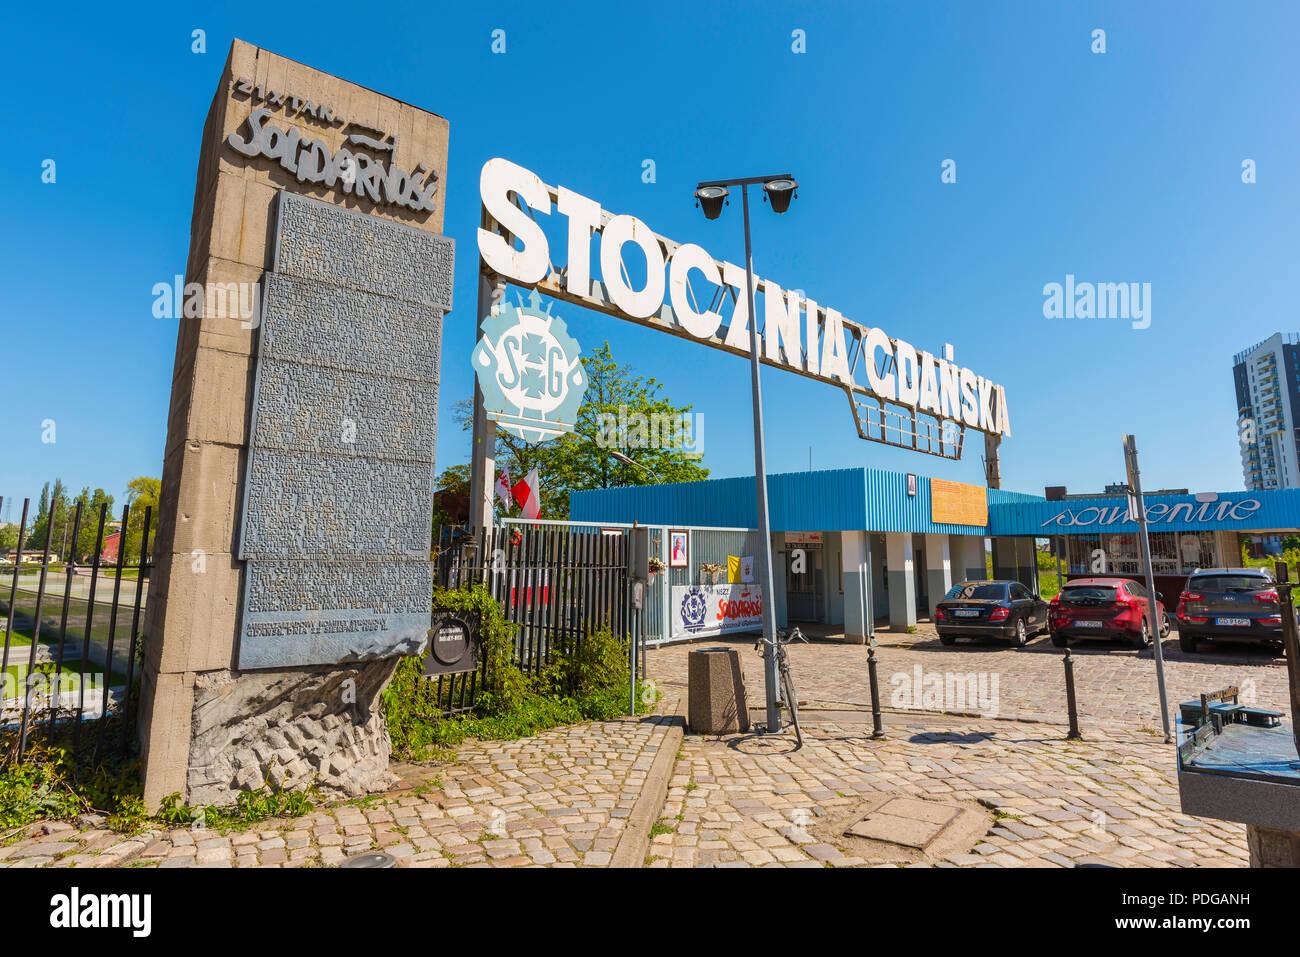 Cantiere di Danzica gate, vista dello storico numero 2 Porta del Cantiere di Danzica, sito del movimento di solidarietà colpisce nei primi anni ottanta, Polonia. Immagini Stock